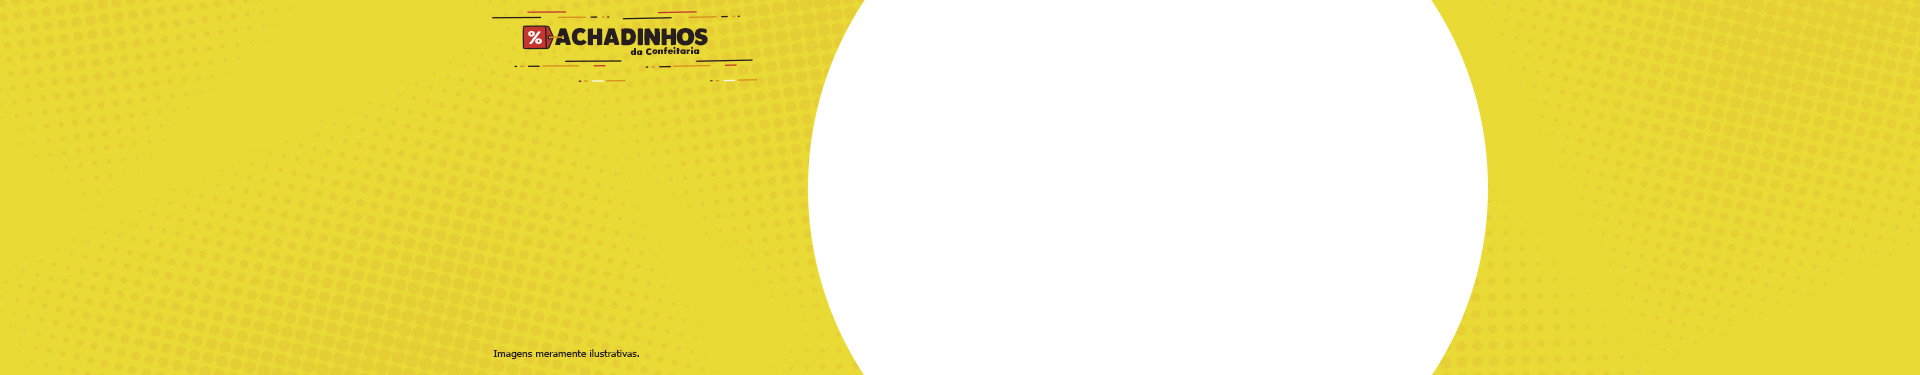 achadinhos-banner-tv